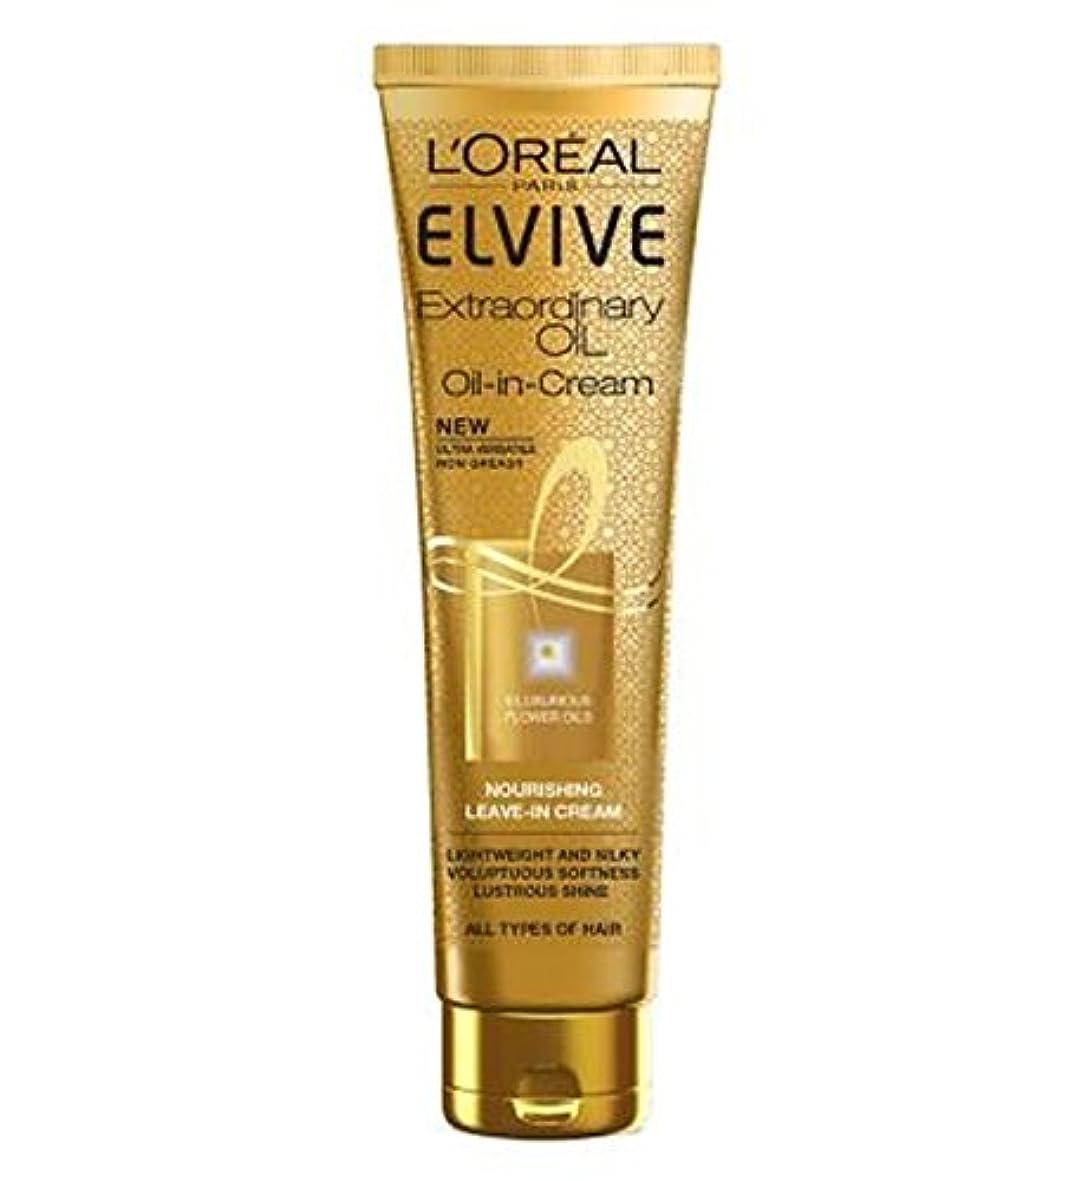 鑑定頑張る選ぶL'Oreal Paris Elvive Extraordinary Oil in Cream All Hair Types - すべての髪のタイプのクリームでロレアルパリElvive臨時オイル (L'Oreal) [並行輸入品]